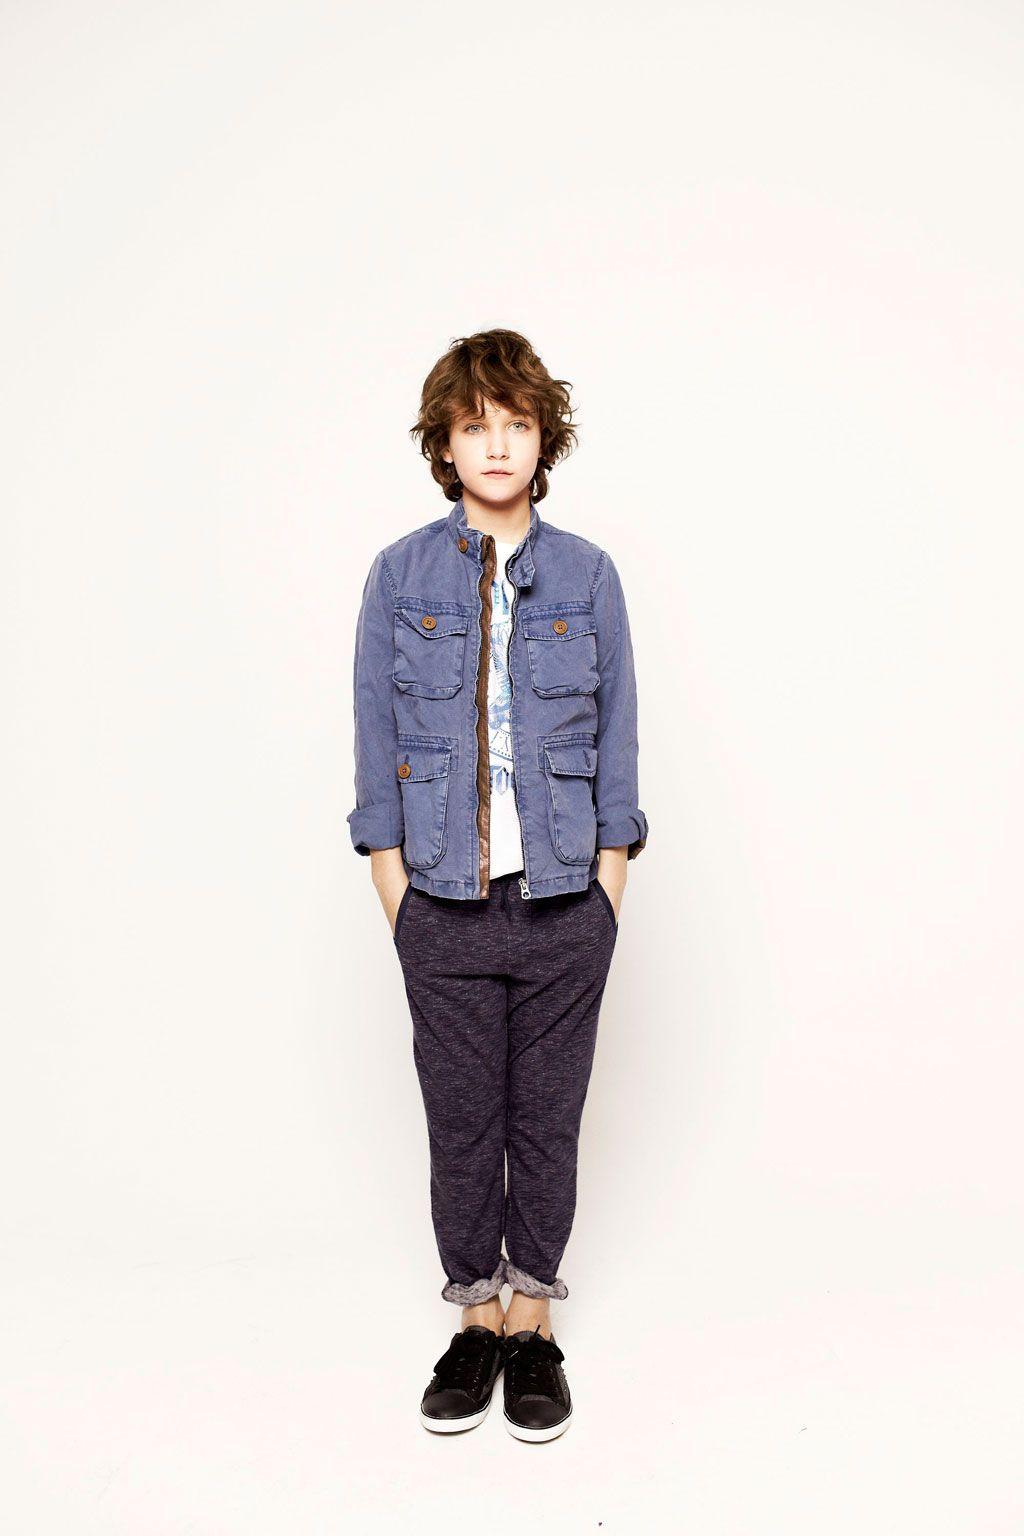 9a58325cd3 ZARA Kids - Lookbook February | Kids Fashion-boy/girl | Moda para ...